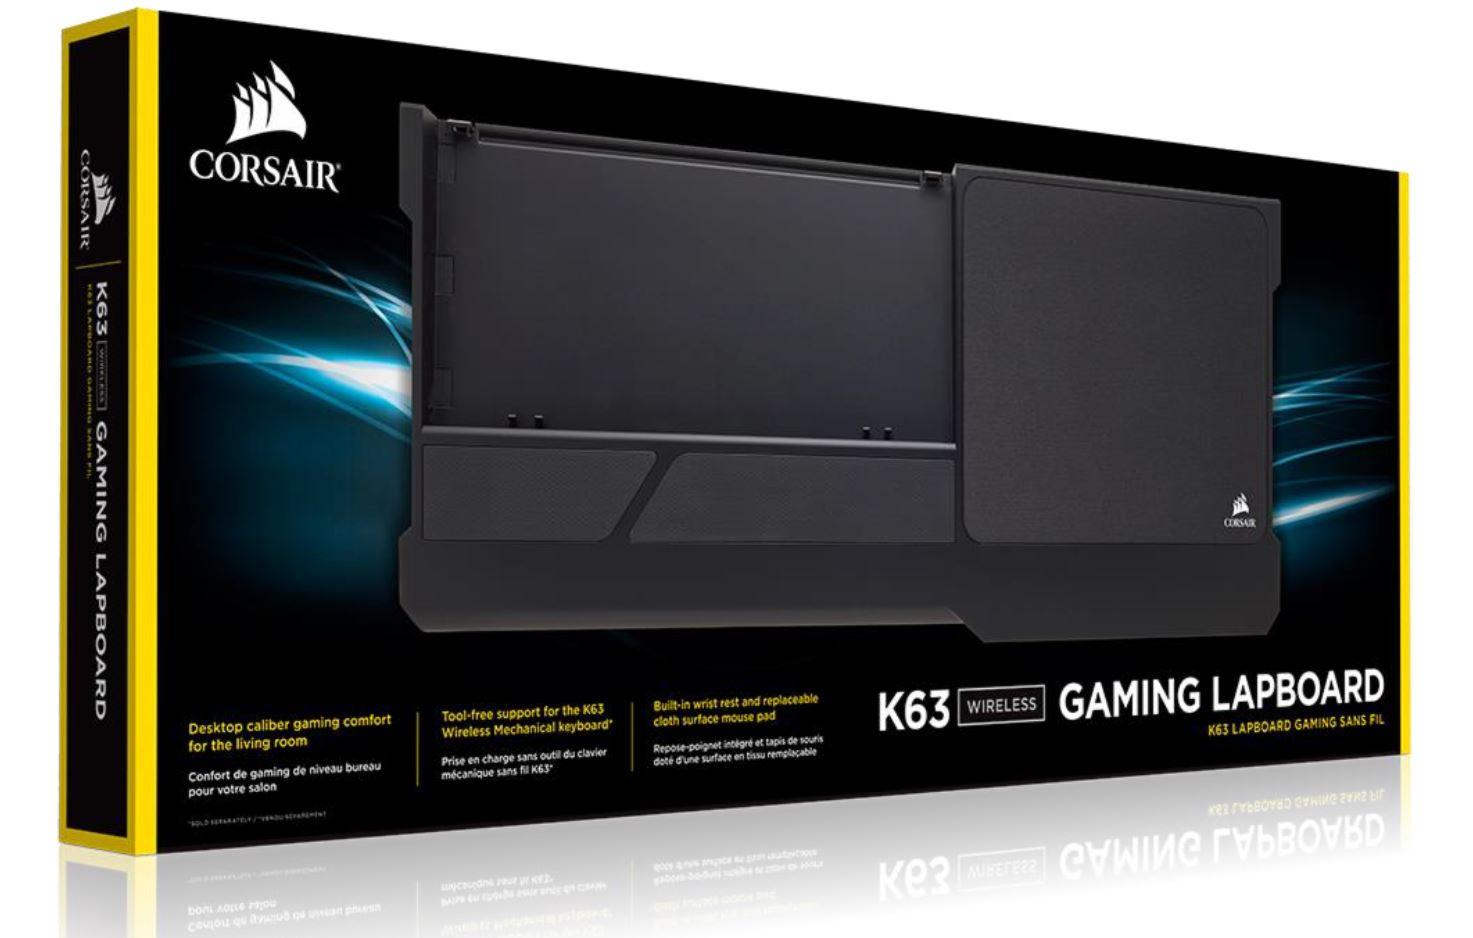 Corsair Gaming™ K63 Wireless Gaming Lapboard